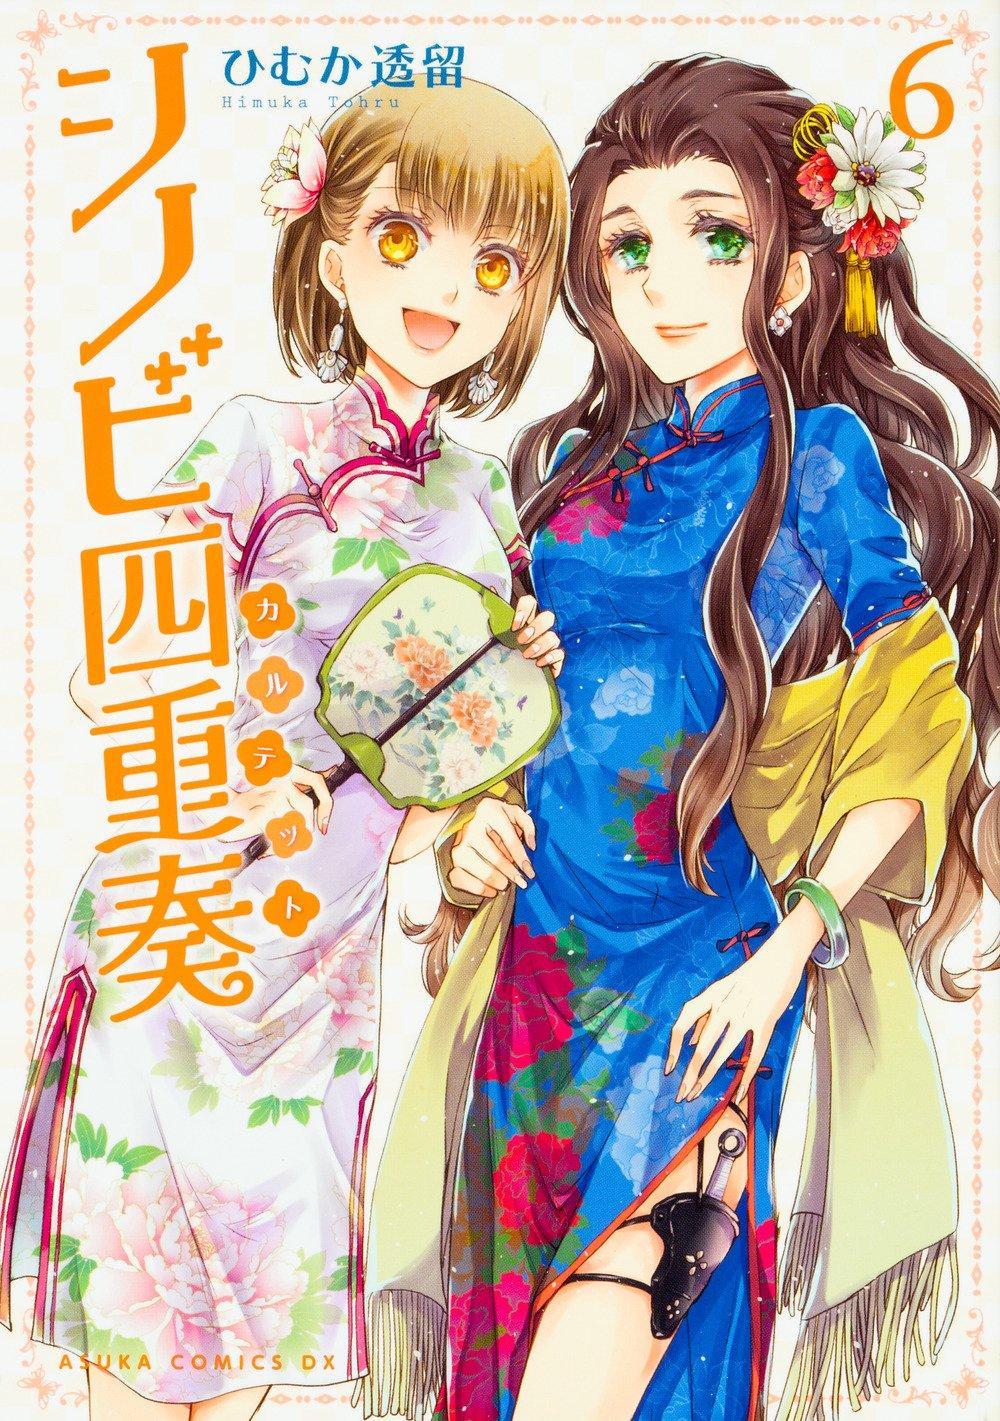 シノビ四重奏 第6巻 表紙